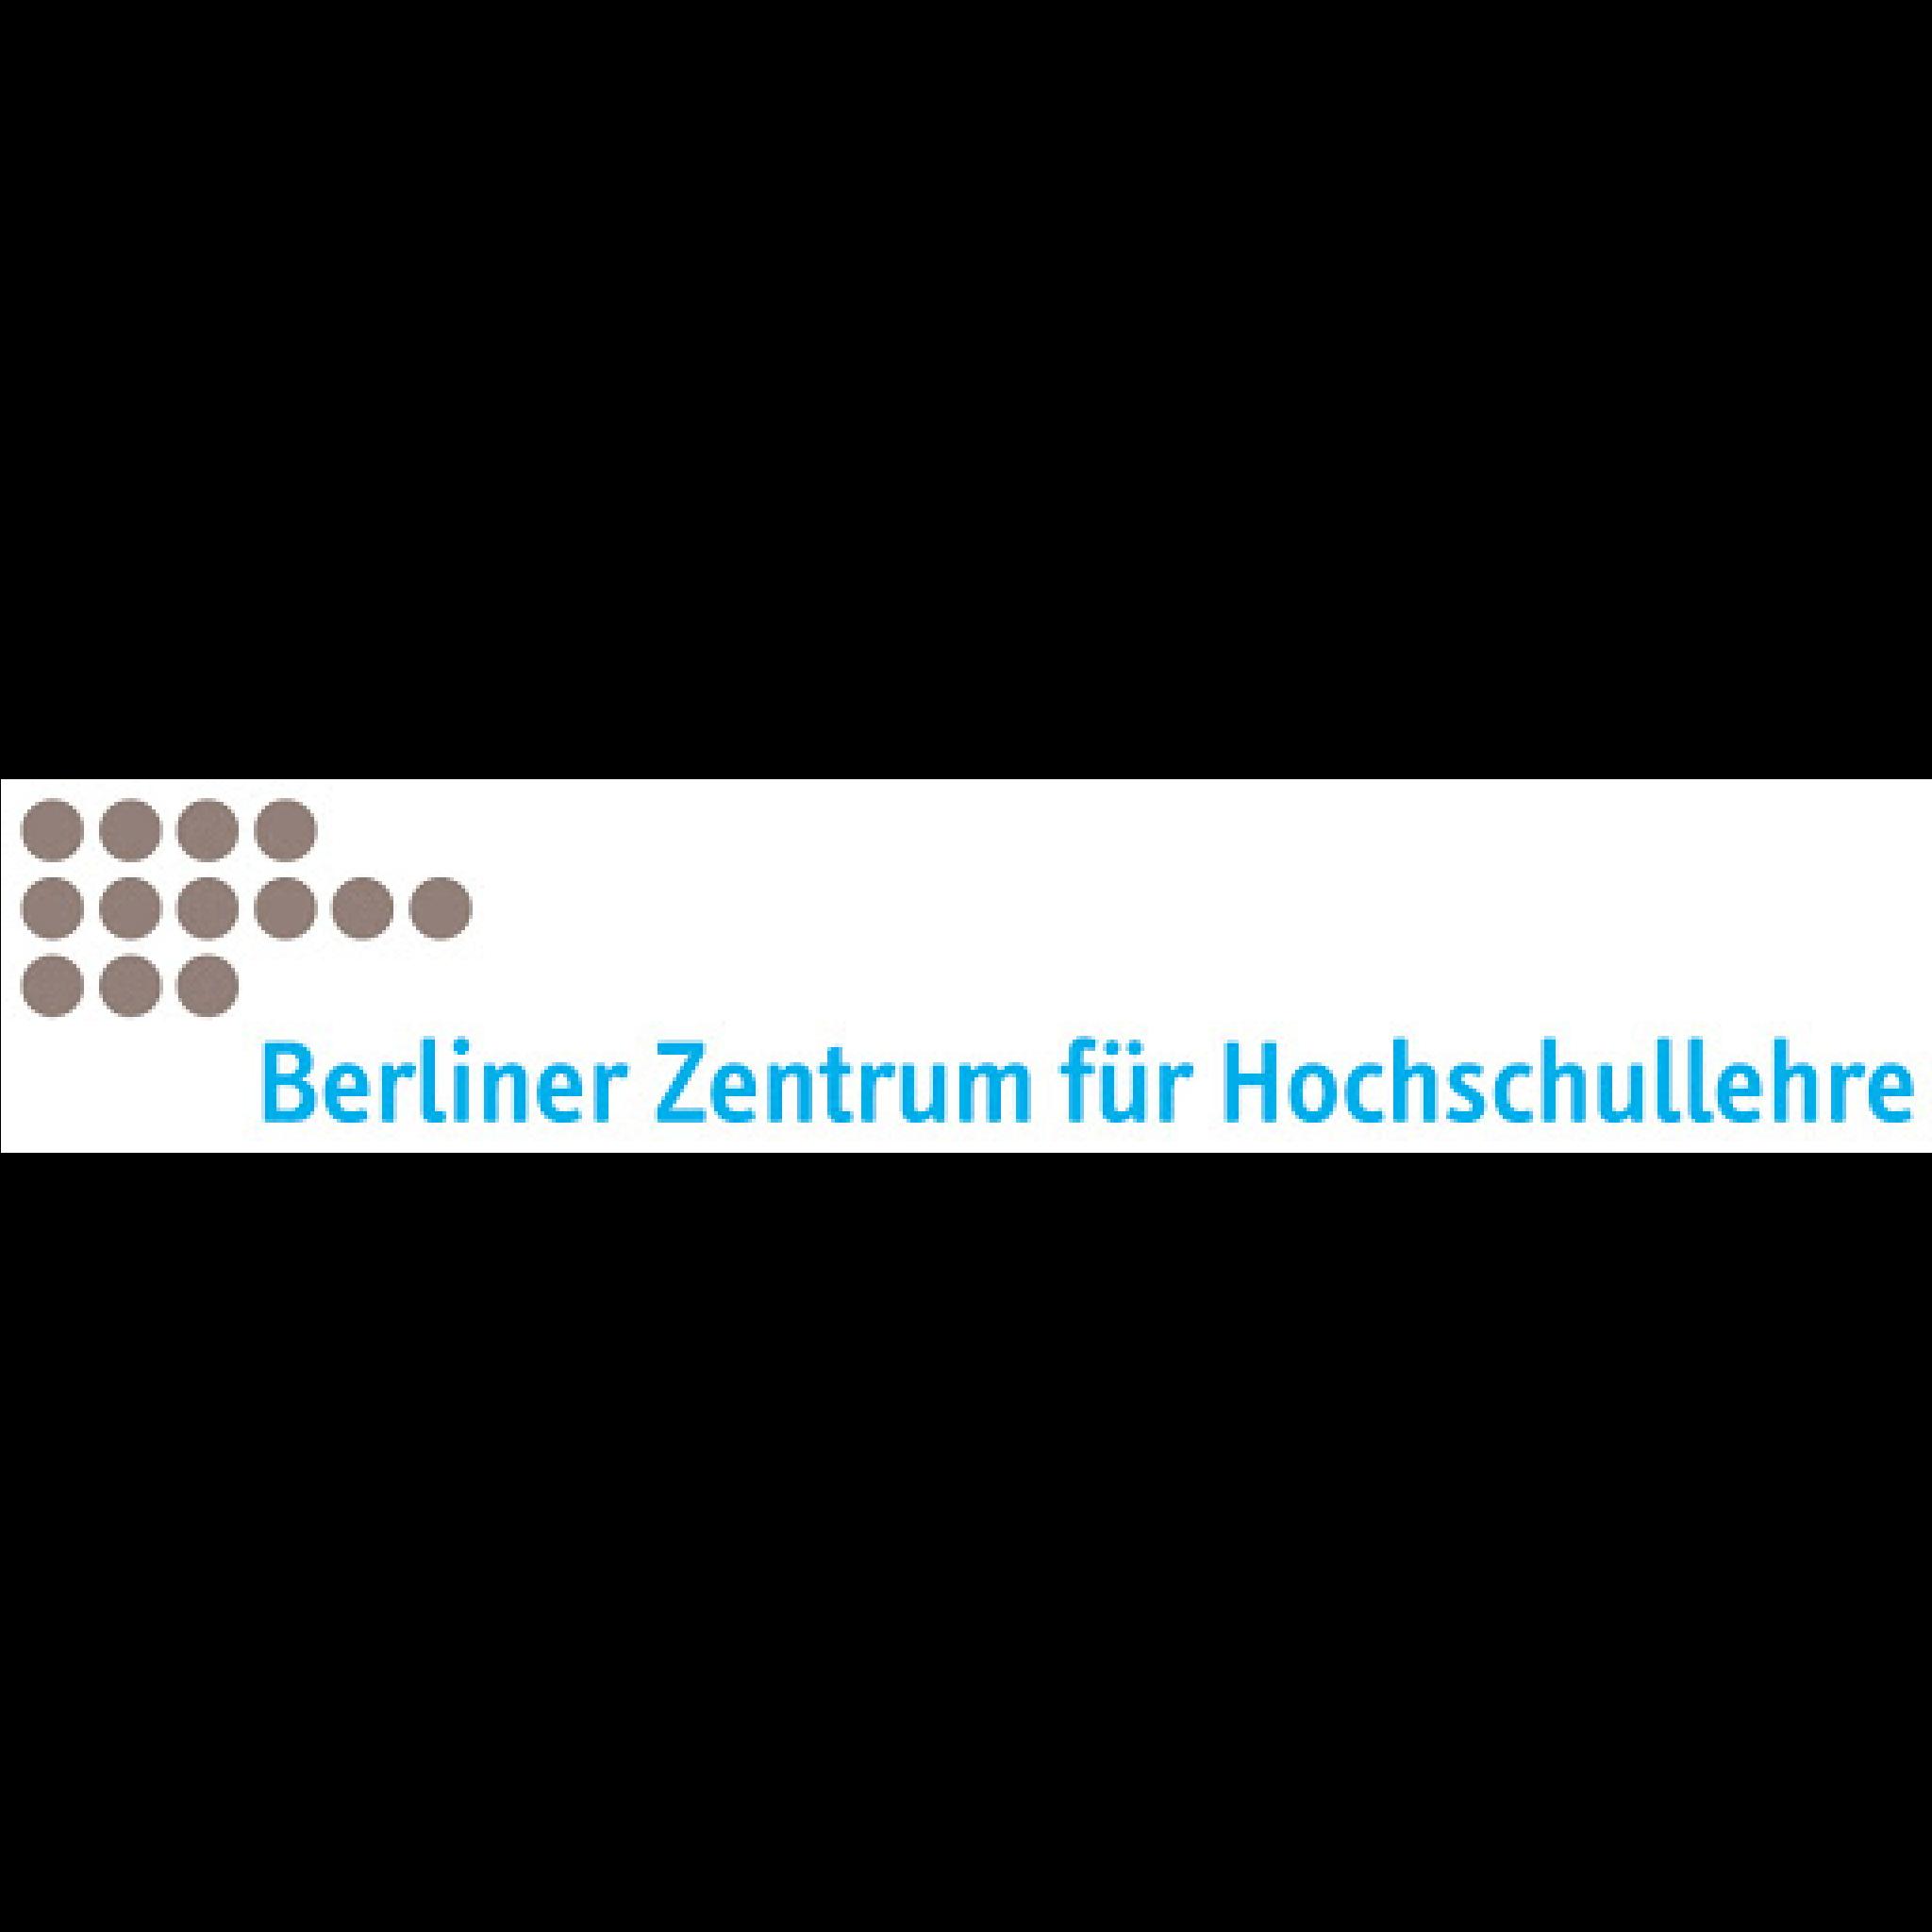 BZHL Berliner Zentrum Für Hochschullehre